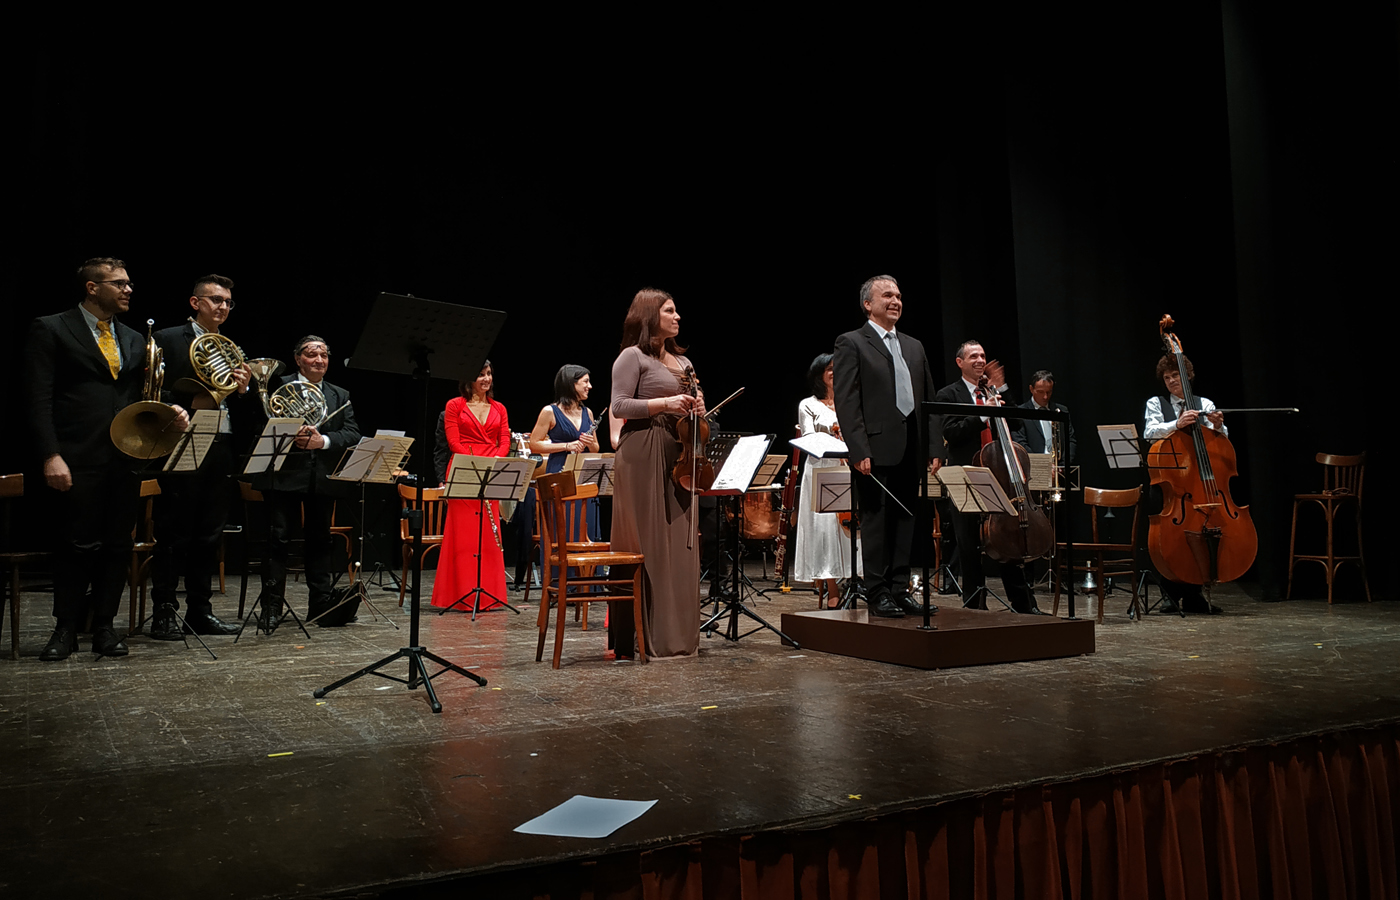 Orchestra Filarmonica Rossini